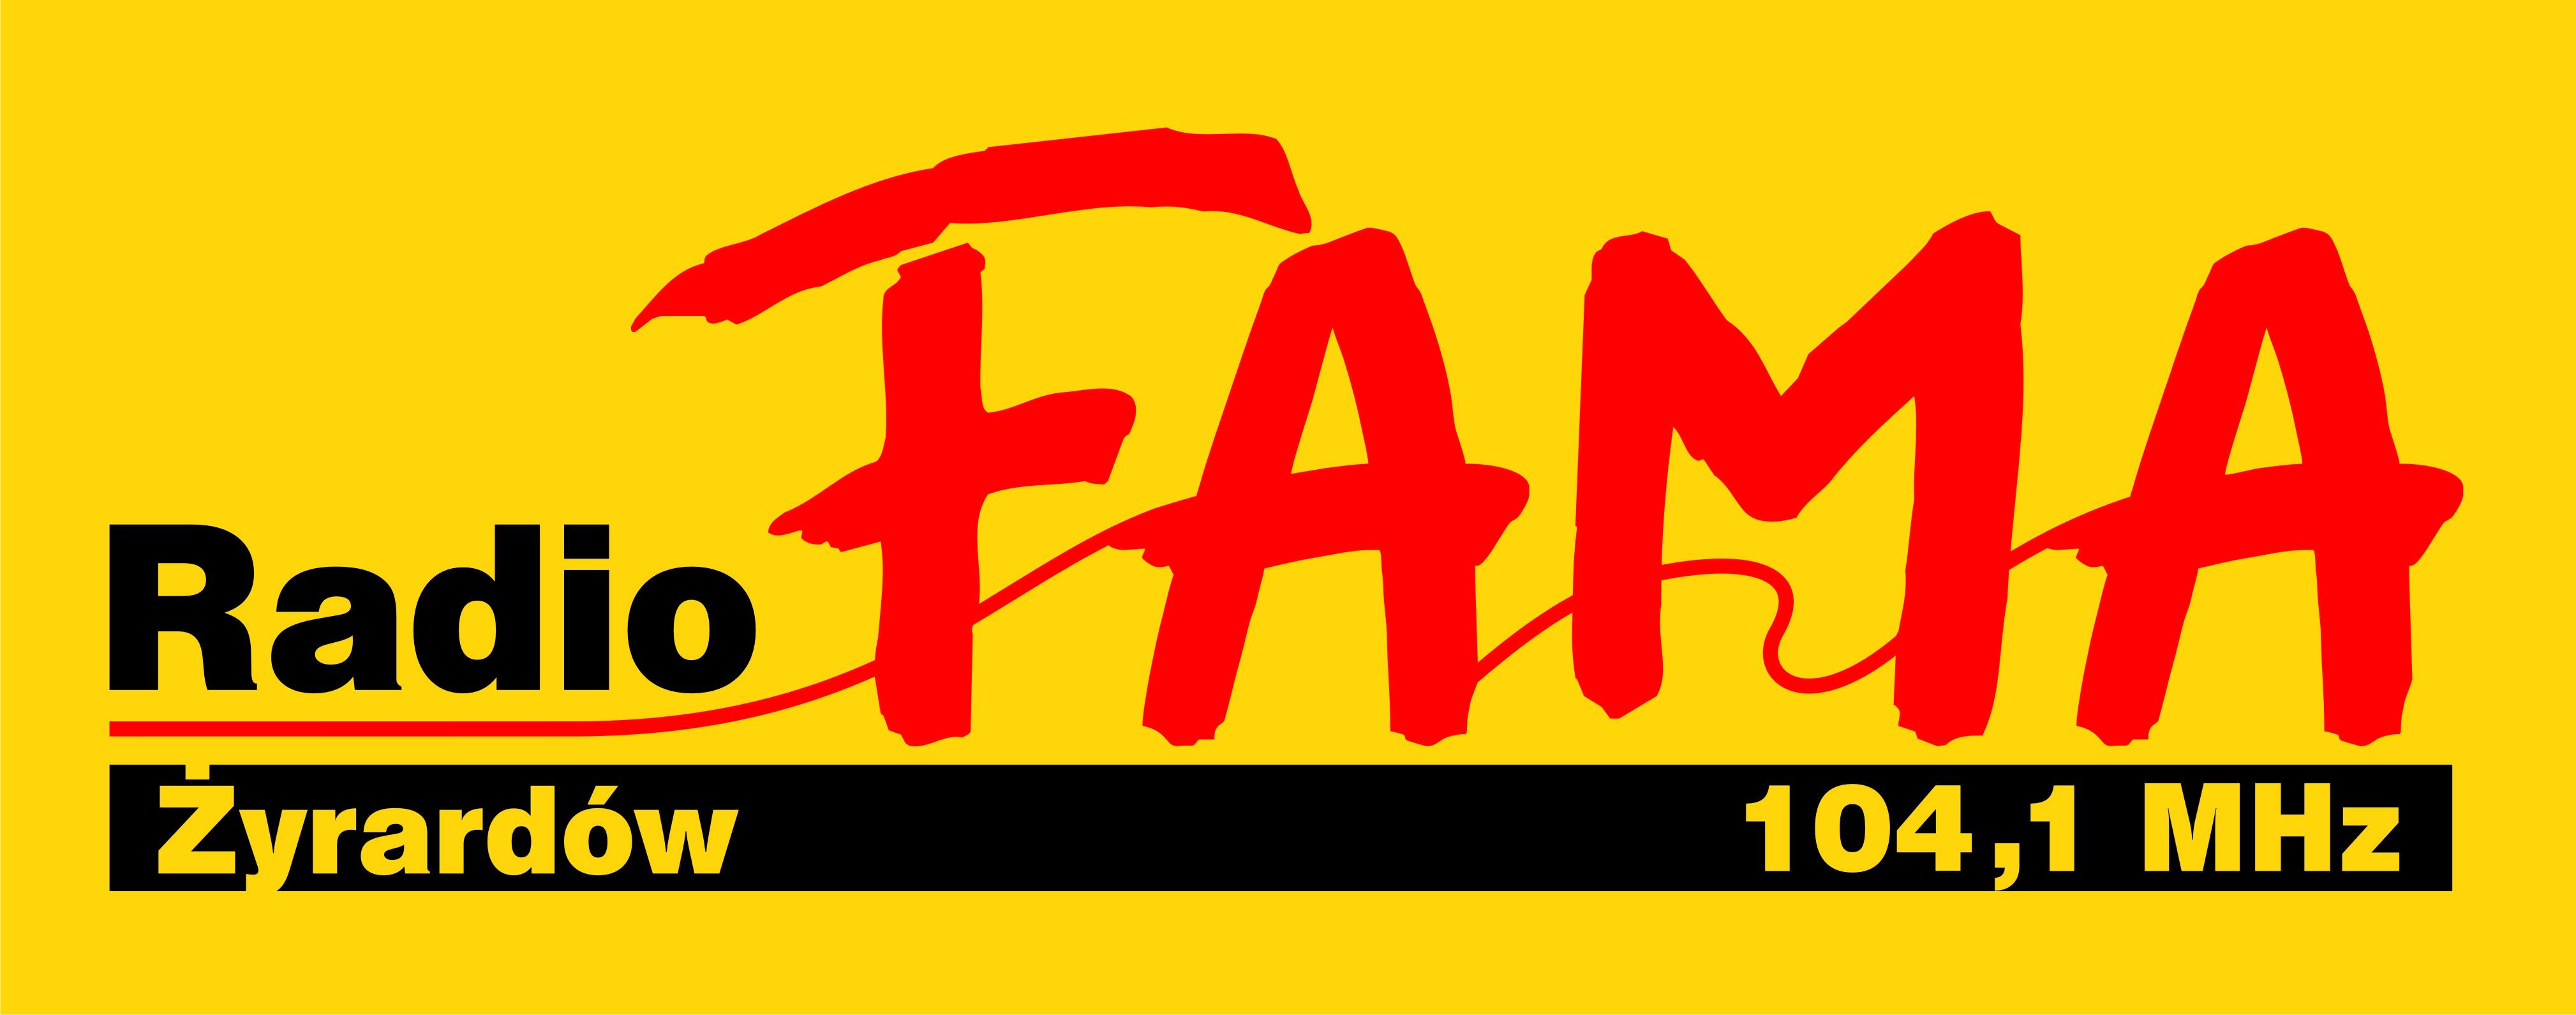 Radio FAMA logo Żyrardów główne